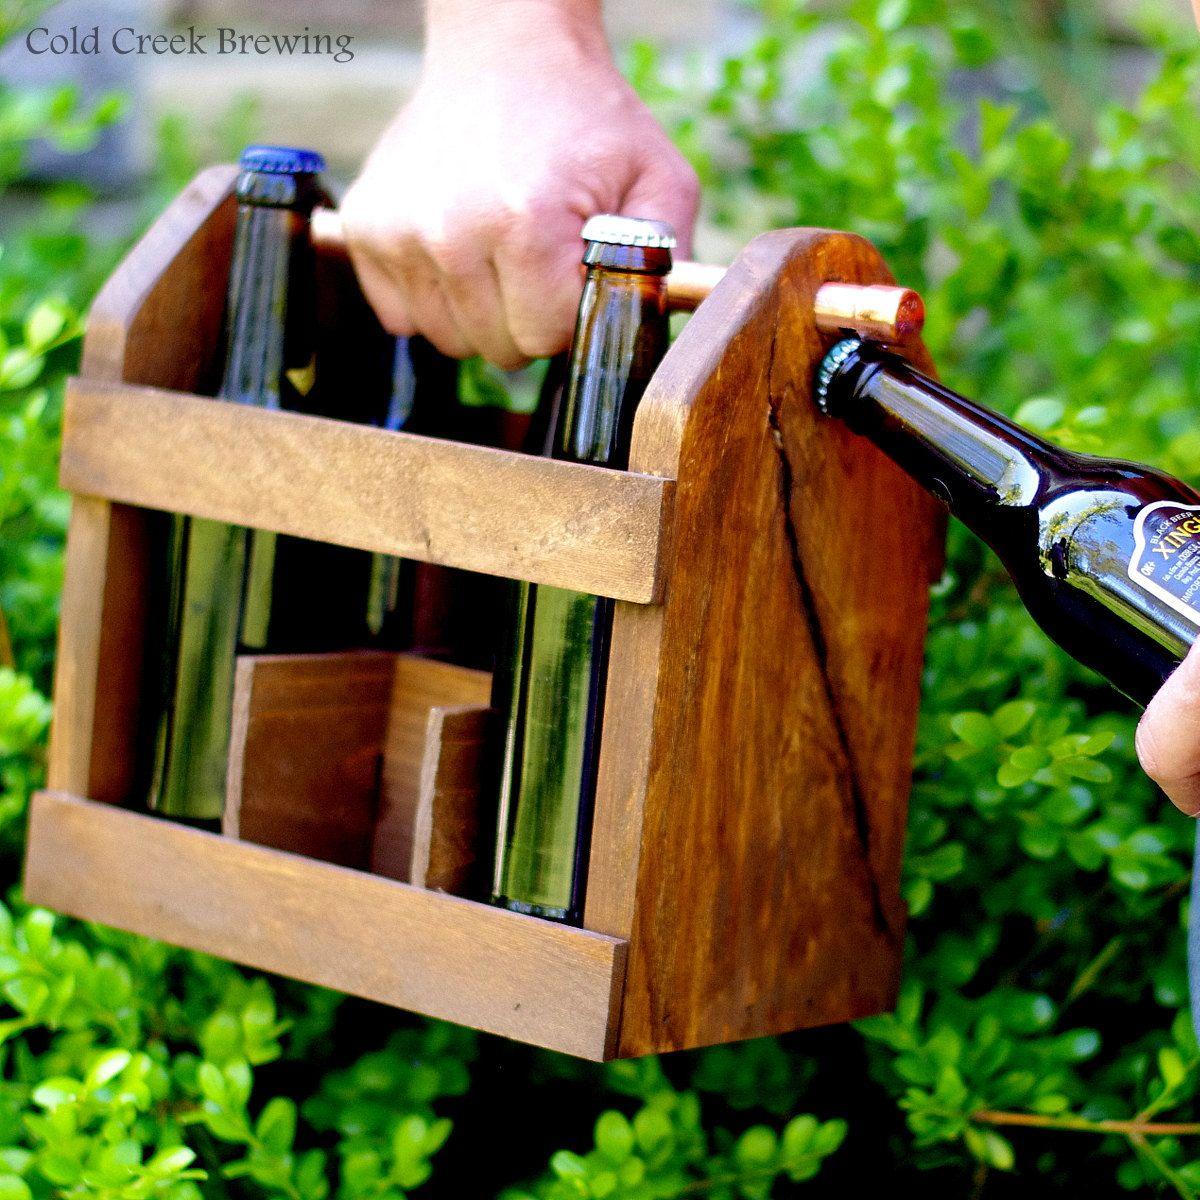 Six Pack Carrier Beer Carrier Beer Tote Wood Beer Carton 6